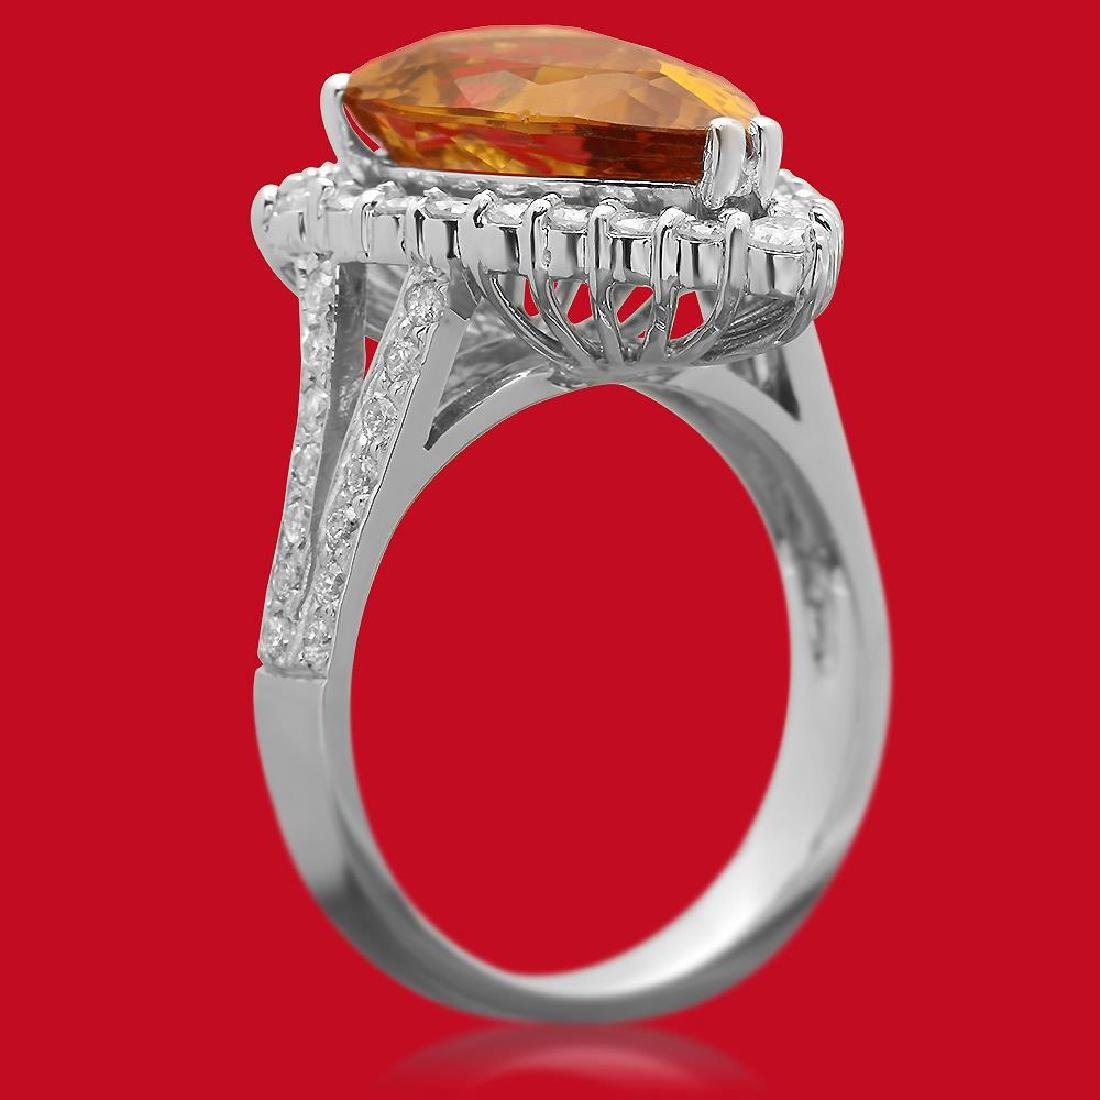 14K Gold 5.46ct Yellow Beryl 1.10ct Diamond Ring - 2